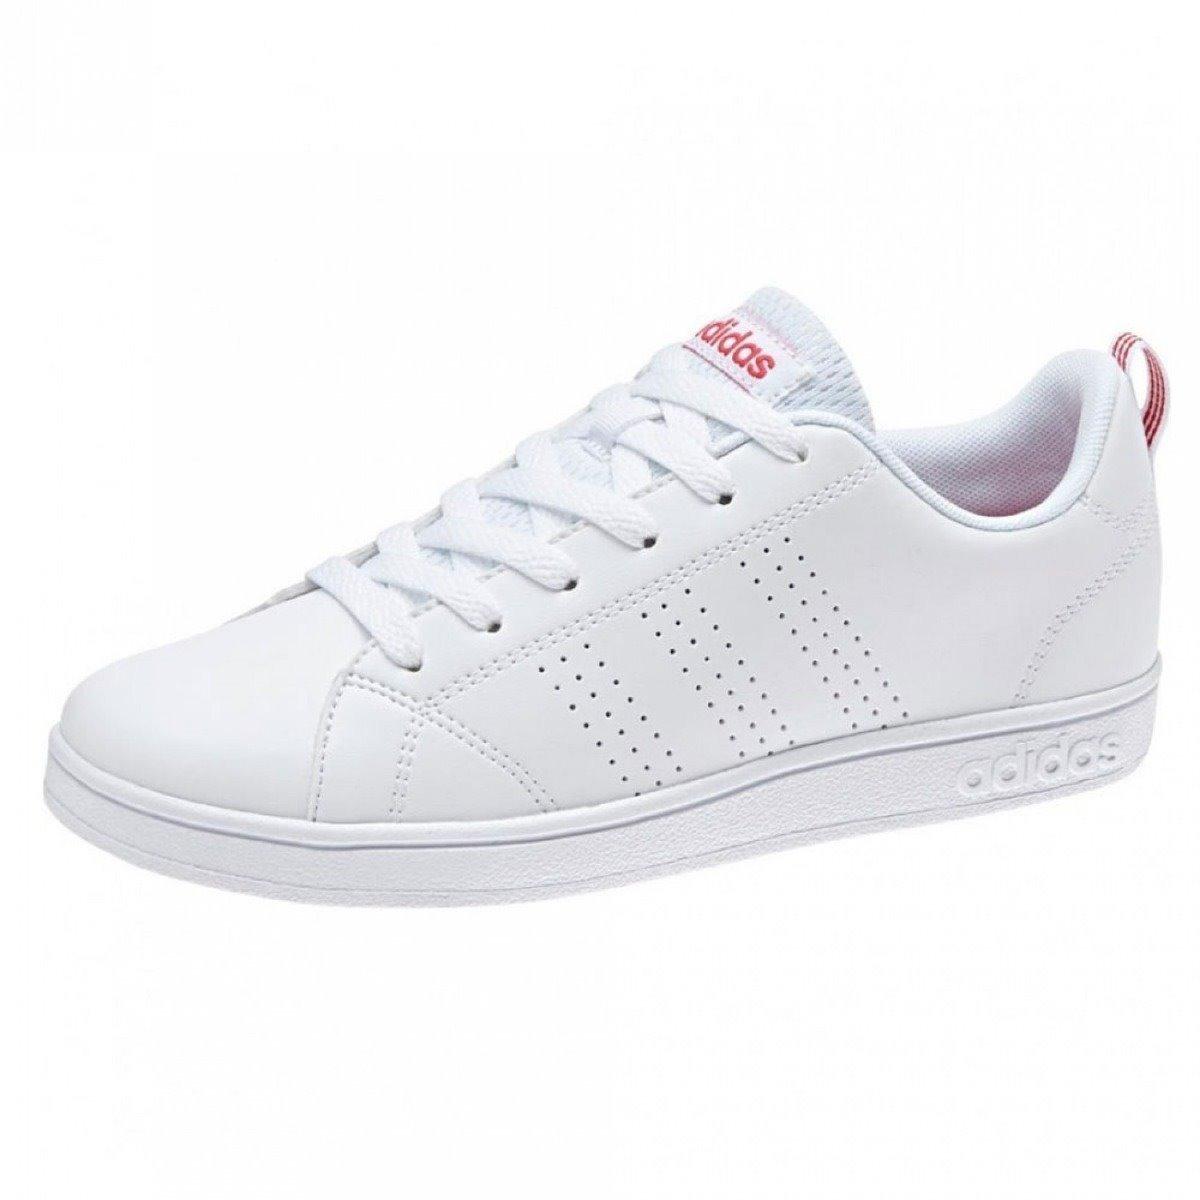 816d35a4d95a6 Tenis adidas Vs Advantage Clean K Bb9976 Originales. -   999.00 en ...